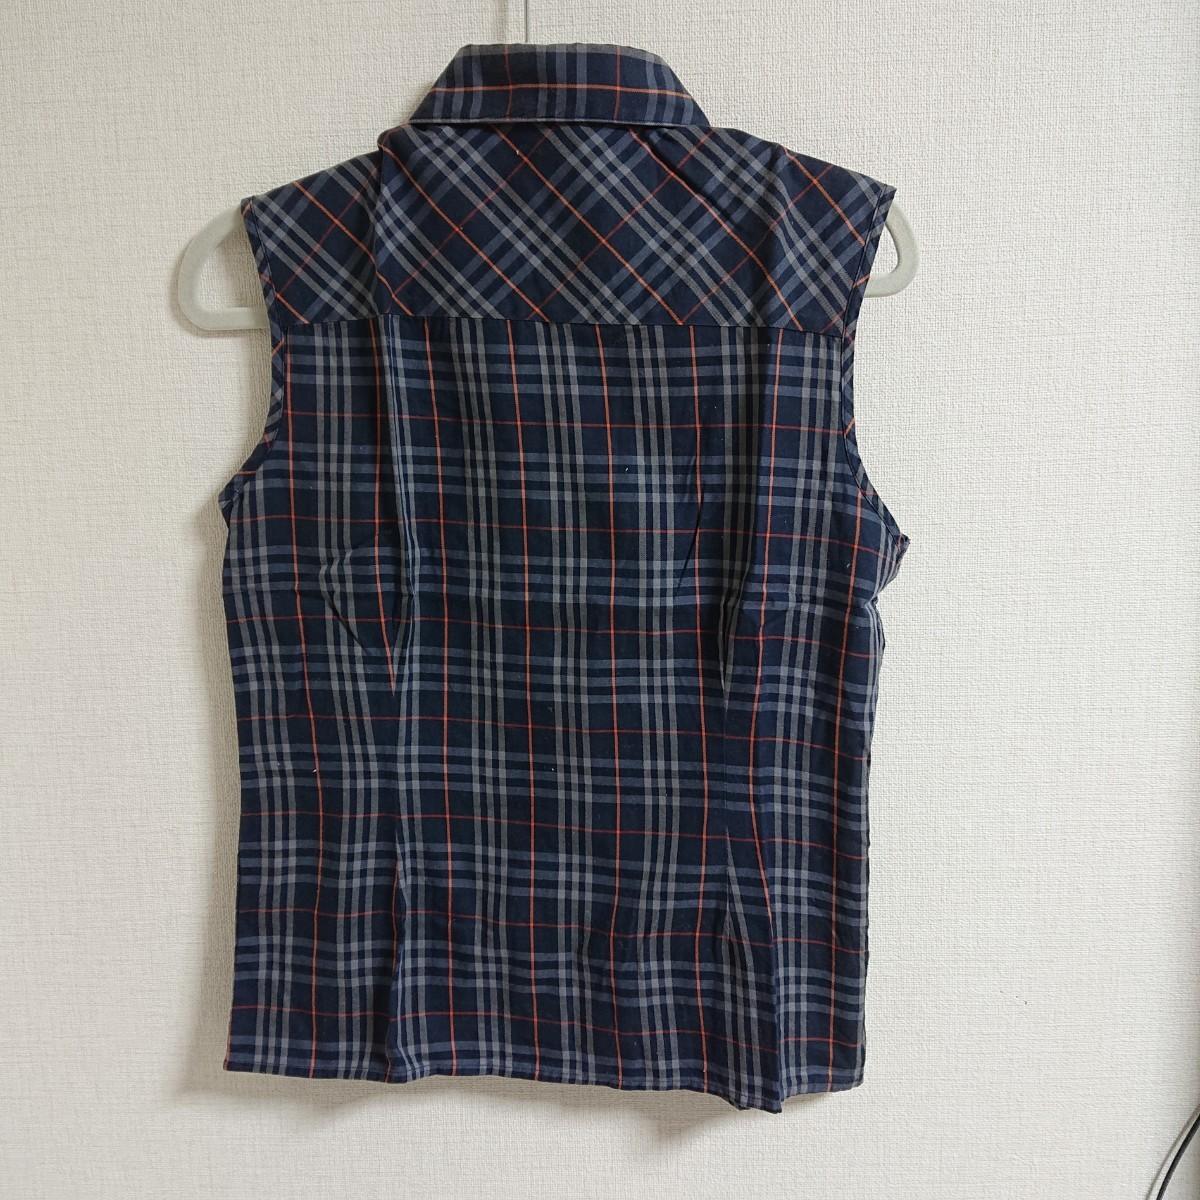 ブラウス ノースリーブシャツ ネイビー 紺